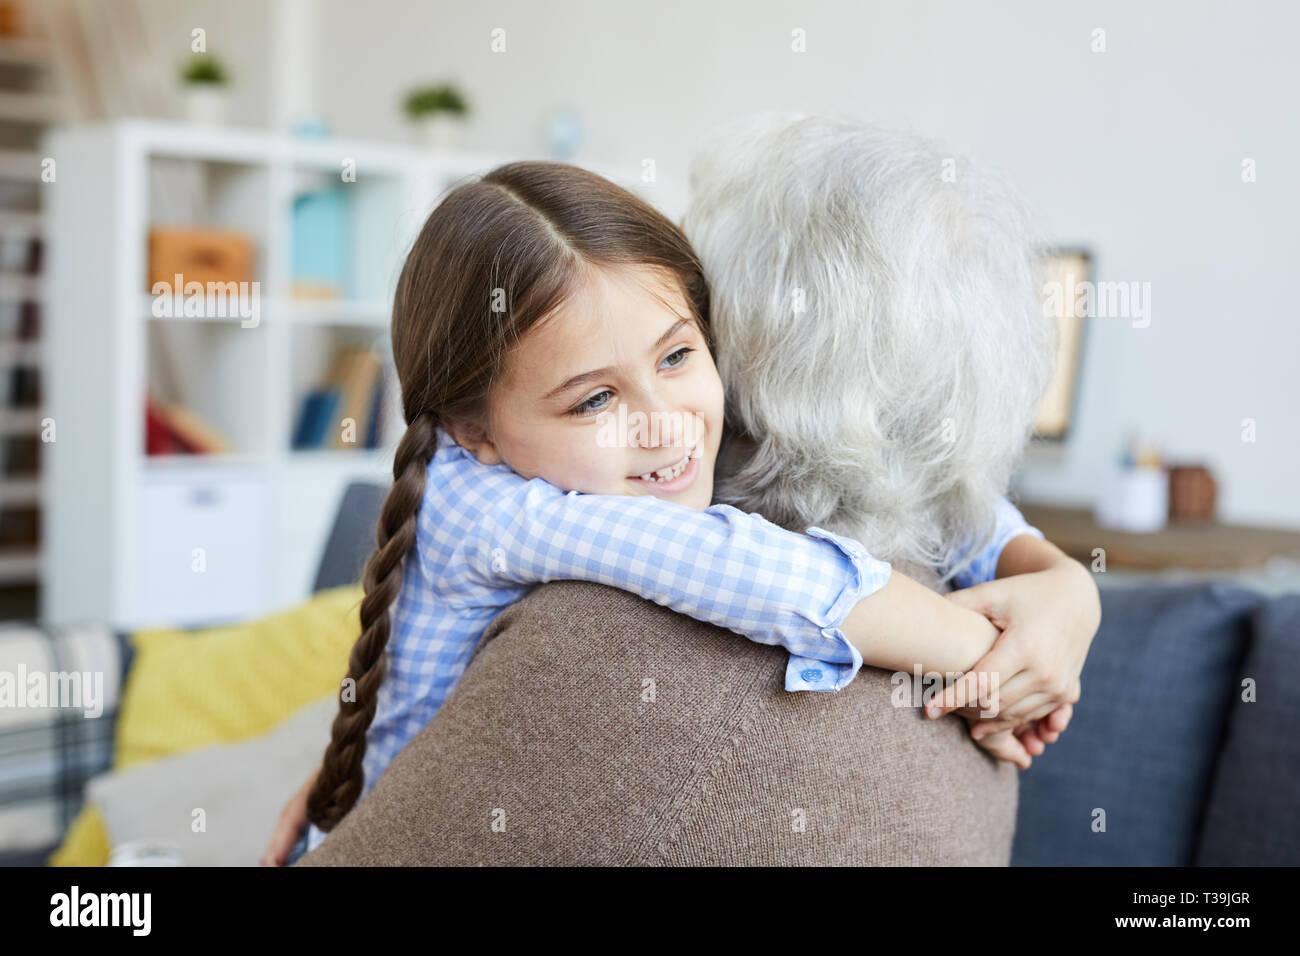 Faire place au Grand-mère petite fille Photo Stock